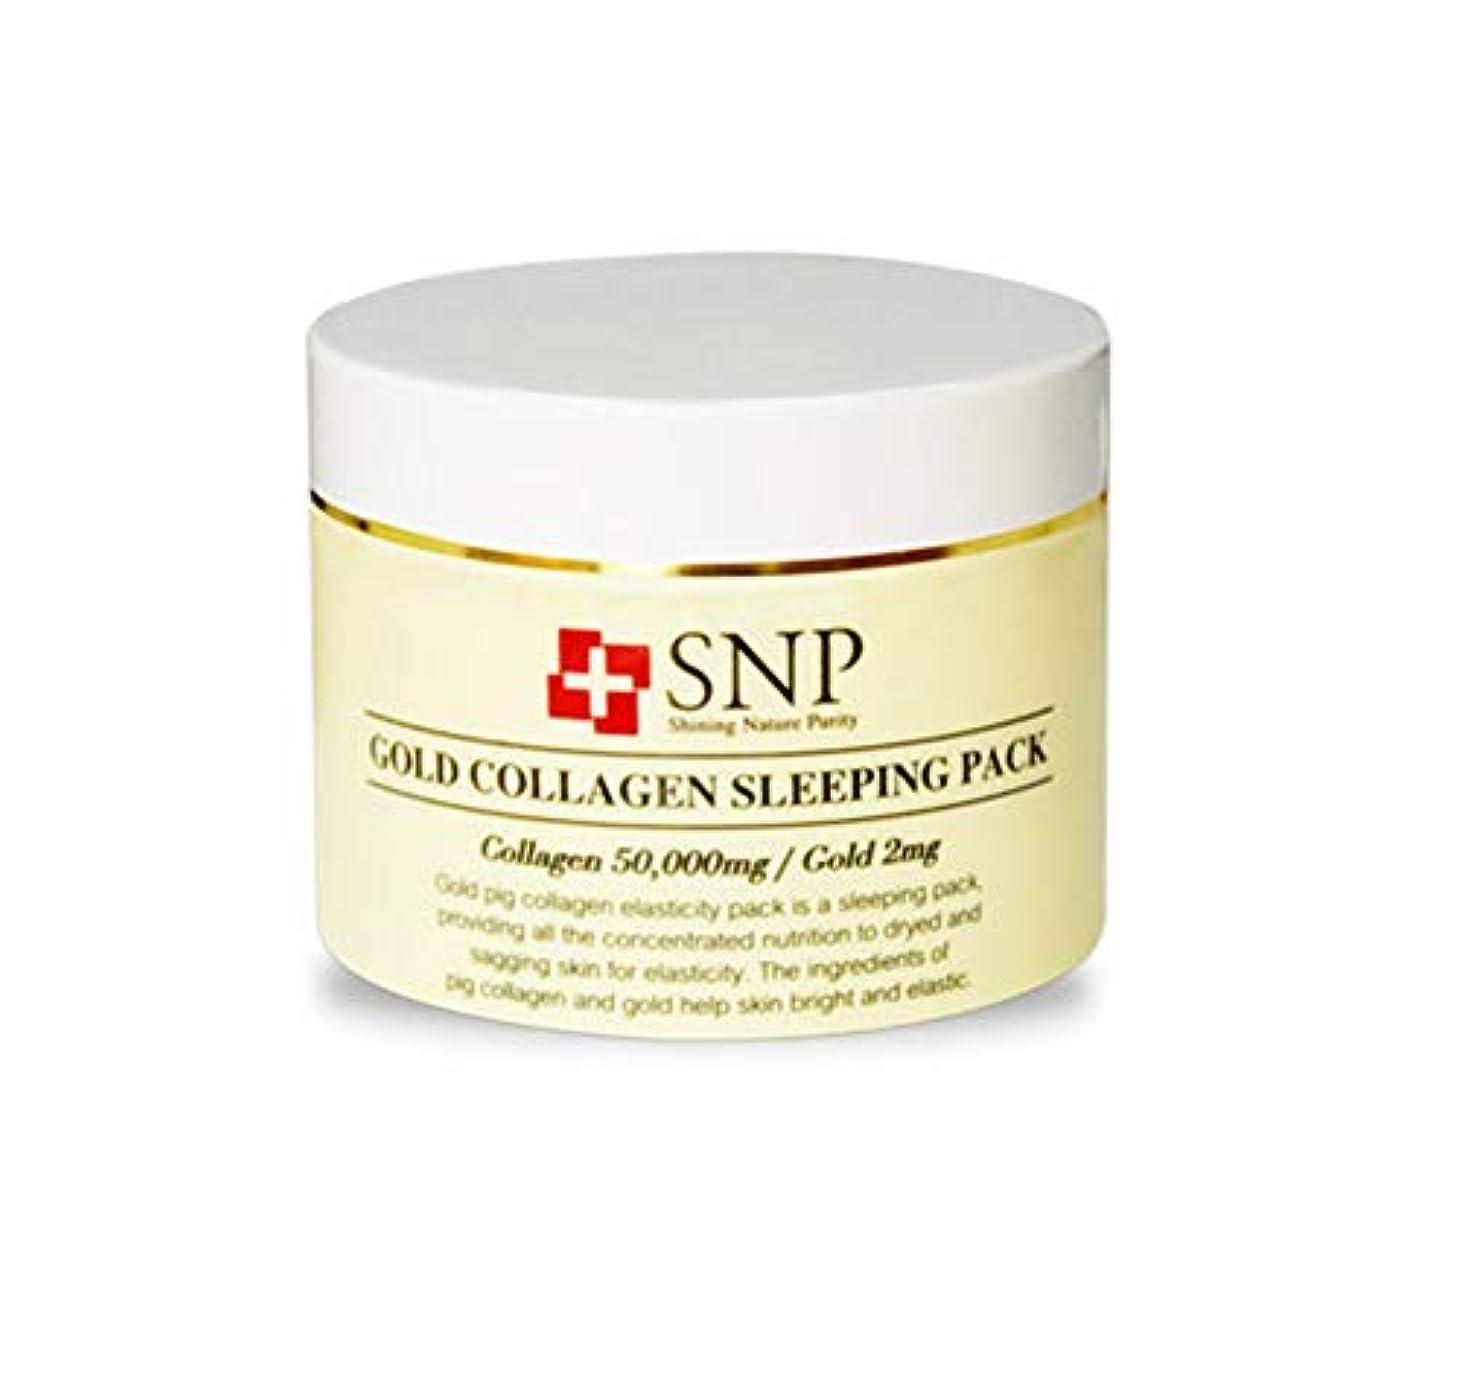 解決単語検体エスエンピSNP 韓国コスメ ゴールドコラーゲンスリーピングパック睡眠パック100g 海外直送品 SNP Gold Collagen Sleeping Pack Night Cream [並行輸入品]